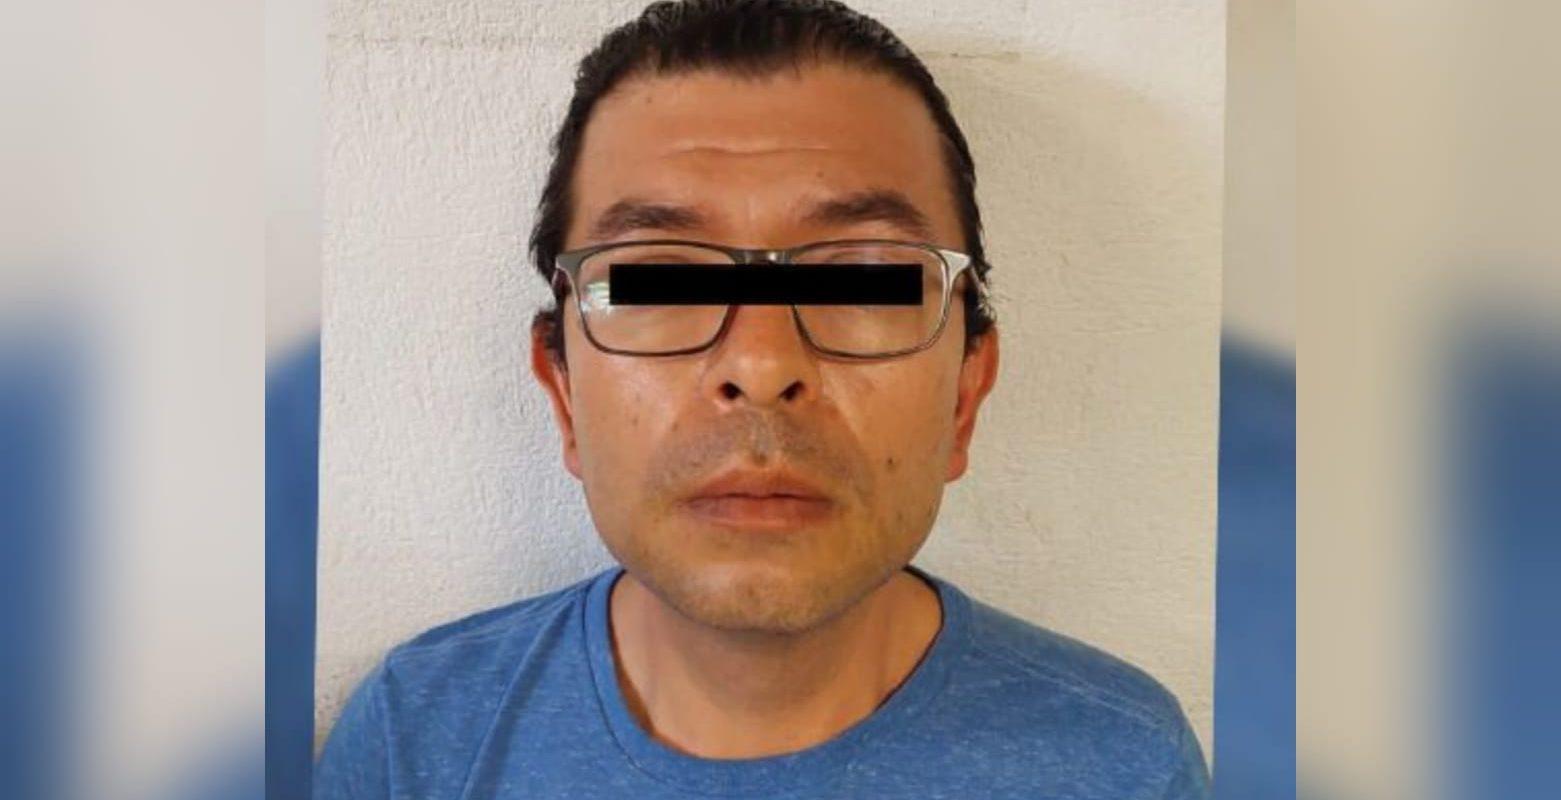 Juan José terminó con la vida de una familia: Acribilló a 3 personas y esperó a la cuarta víctima